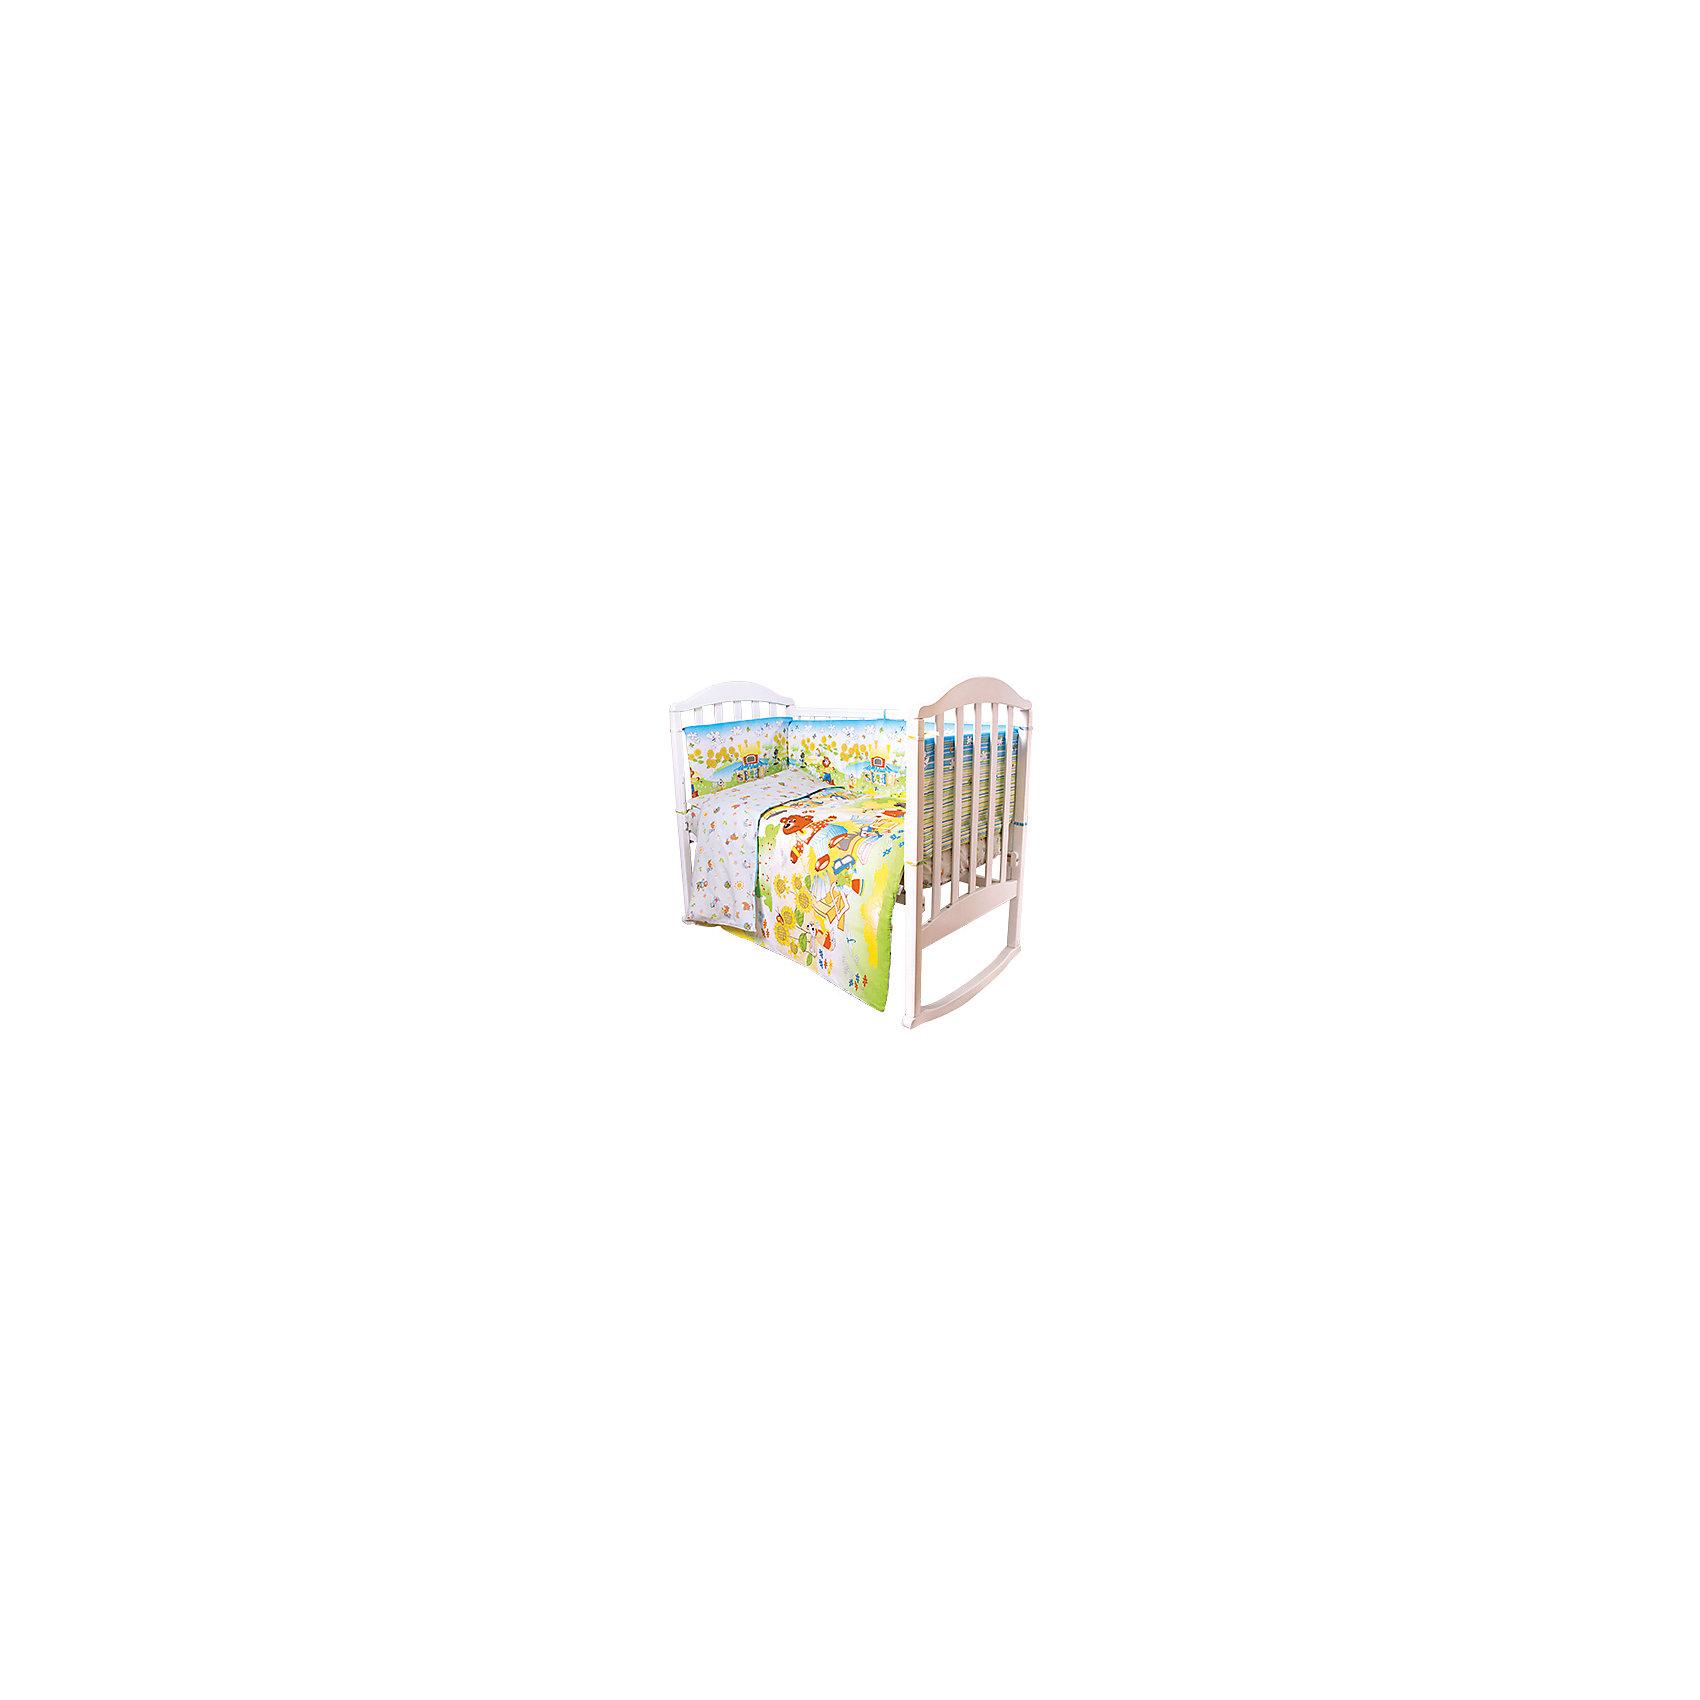 Постельное белье Теремок Сказки 6 пред., Baby Nice, салатовый6 предметов<br>Малыши требуют особой заботы. Постельное белье для них должно быть качественным и безопасным. Этот комплект обеспечит малышу комфорт и тепло в кроватке. Он украшен симпатичным принтом.<br>Набор сшит из натуральной дышащего материала - хлопка, мягкого и приятного на ощупь. Она не вызывает аллергии, что особенно важно для малышей. Также материал обеспечит хорошую терморегуляцию. Комплект сделан из высококачественных материалов, безопасных для ребенка.<br><br>Дополнительная информация:<br><br>цвет: салатовый;<br>материал: 100% хлопок, наполнитель - файбер;<br>комплектация: простыня 112 х 147 см, пододеяльник 112 х 147 см, наволочка 40 х 60, борт( 120х35-2 шт., 60х35-2 шт.), одеяло 110 х 140 см, подушка 40 х 60 см.;<br>принт.<br><br>Постельное белье Теремок Сказки 6 пред., от компании Baby Nice можно купить в нашем магазине.<br><br>Ширина мм: 250<br>Глубина мм: 600<br>Высота мм: 450<br>Вес г: 1200<br>Возраст от месяцев: 0<br>Возраст до месяцев: 36<br>Пол: Унисекс<br>Возраст: Детский<br>SKU: 4941796